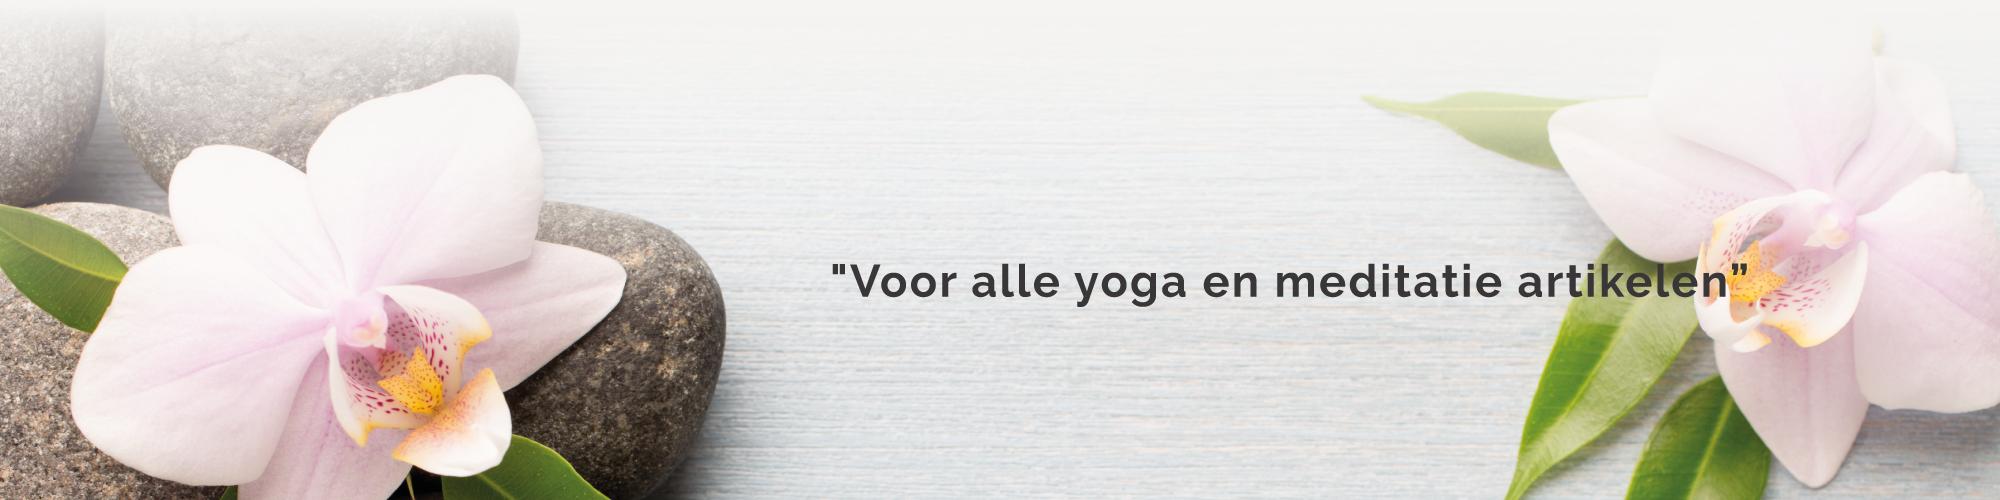 Meditatiekussens online banner 1